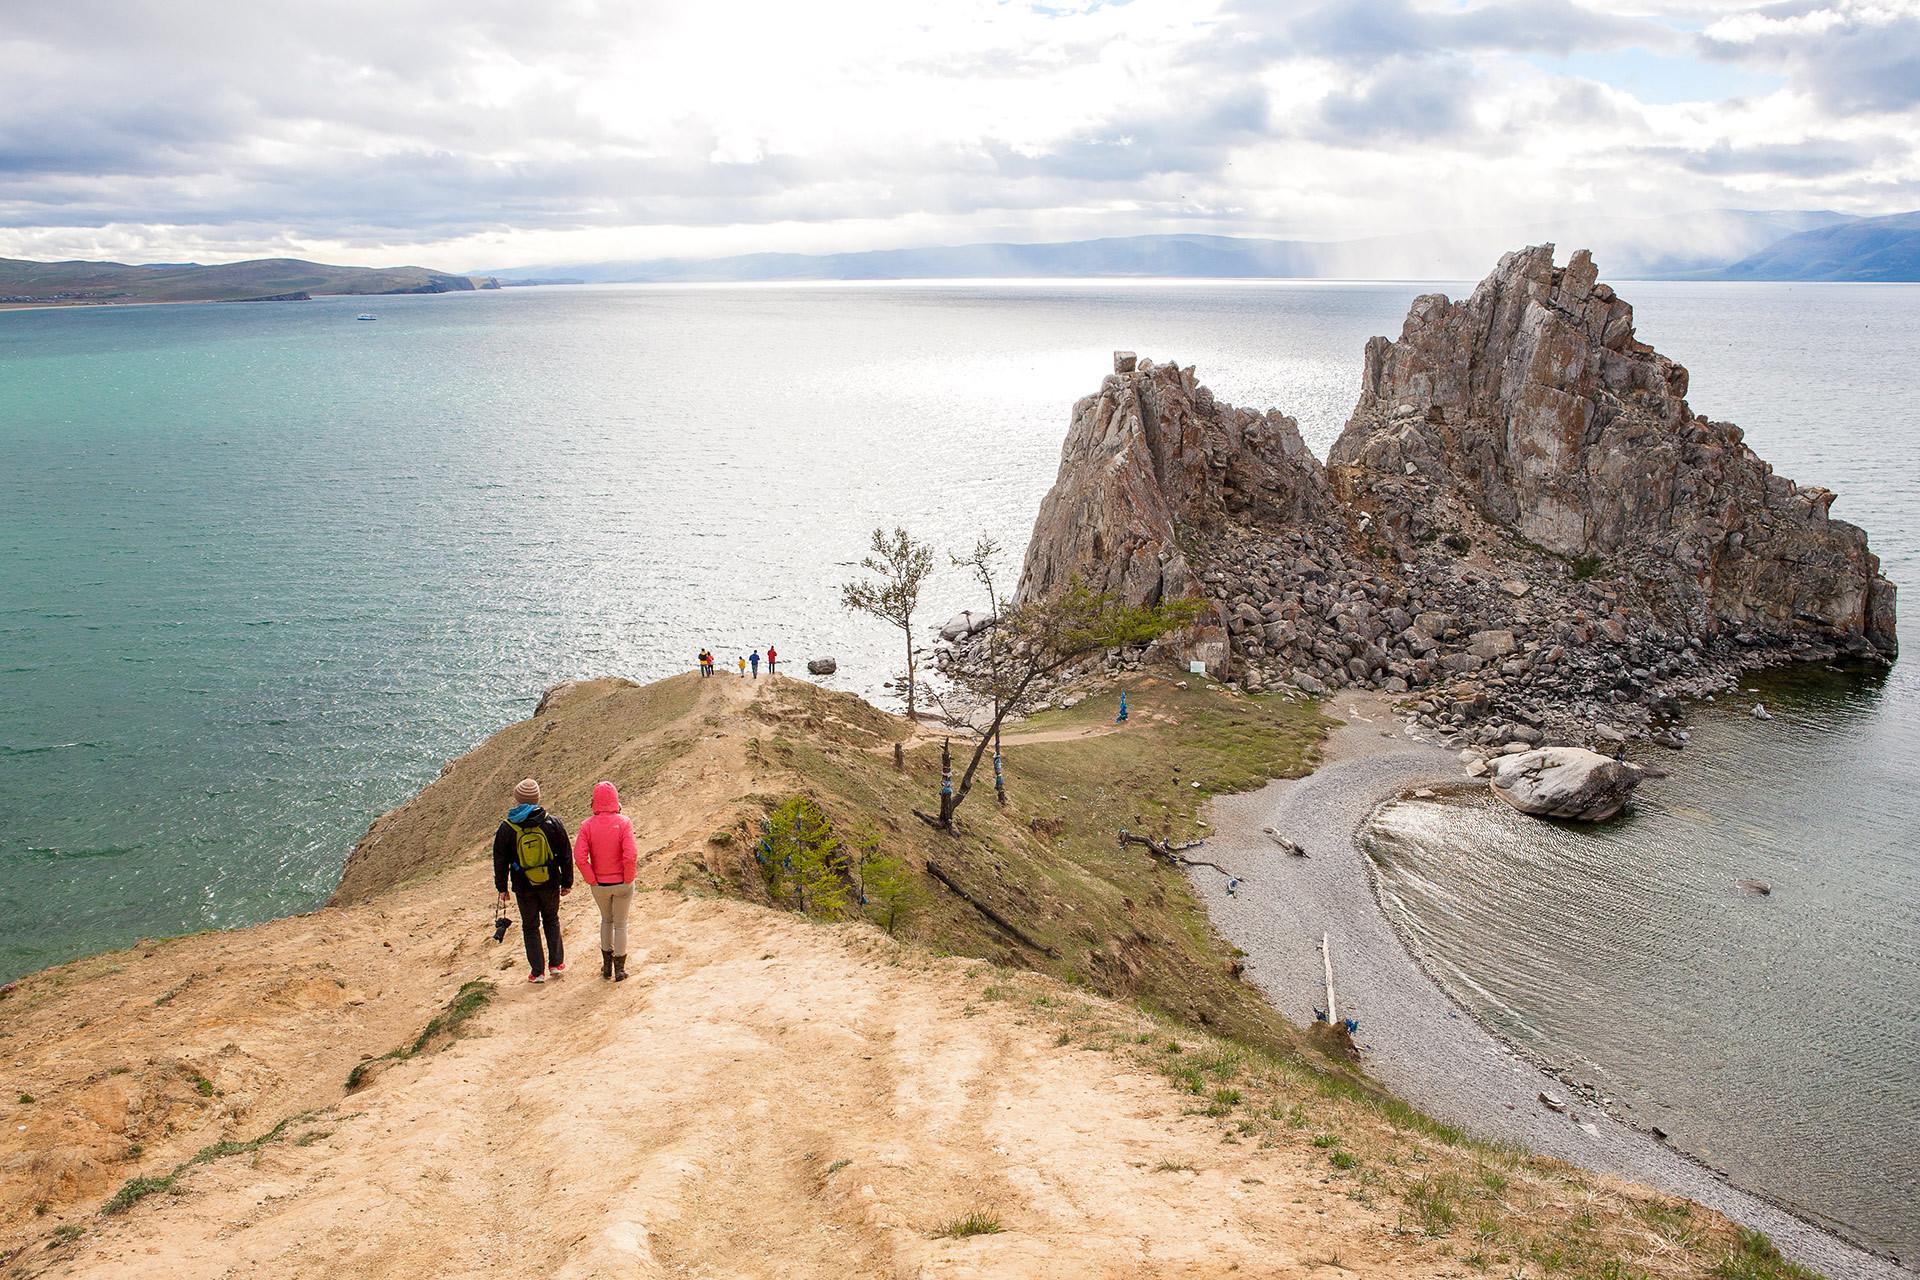 Прочутият камък Шаманка се извисява точно над река Ангара.